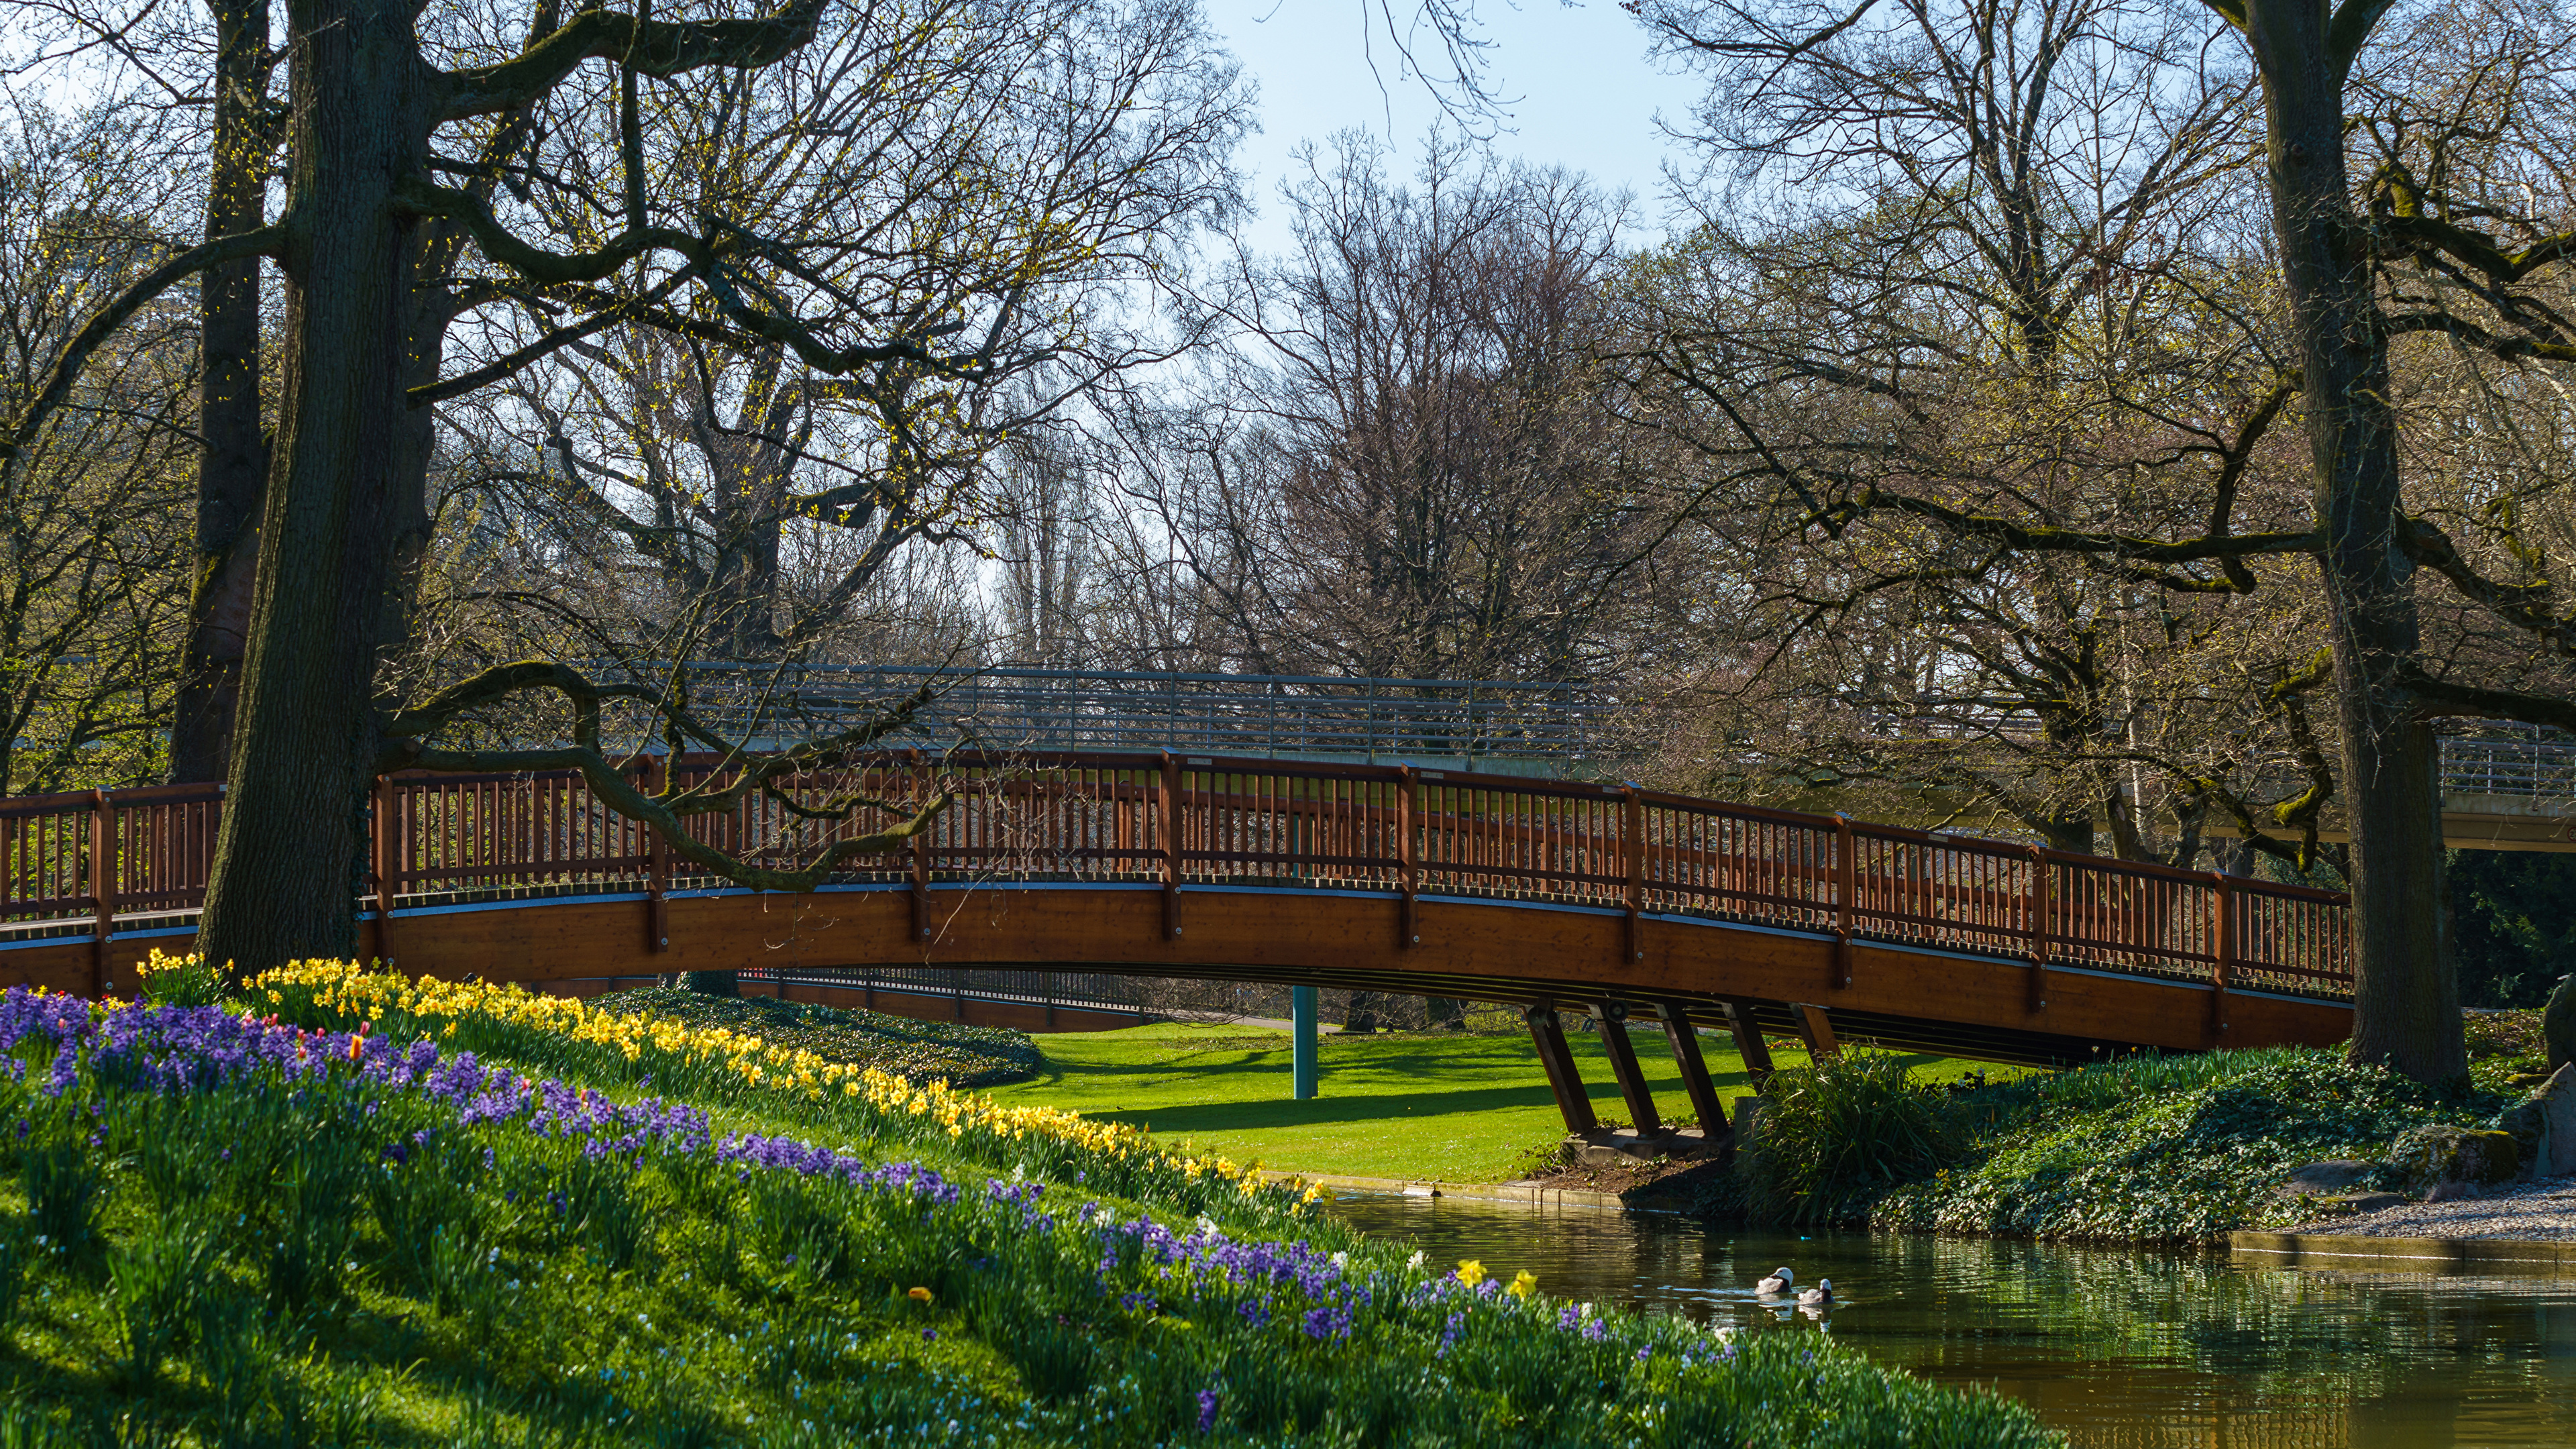 Фотография Германия Karlsruhe мост Весна Природа Парки Реки дерева 3840x2160 Мосты весенние парк река речка дерево Деревья деревьев